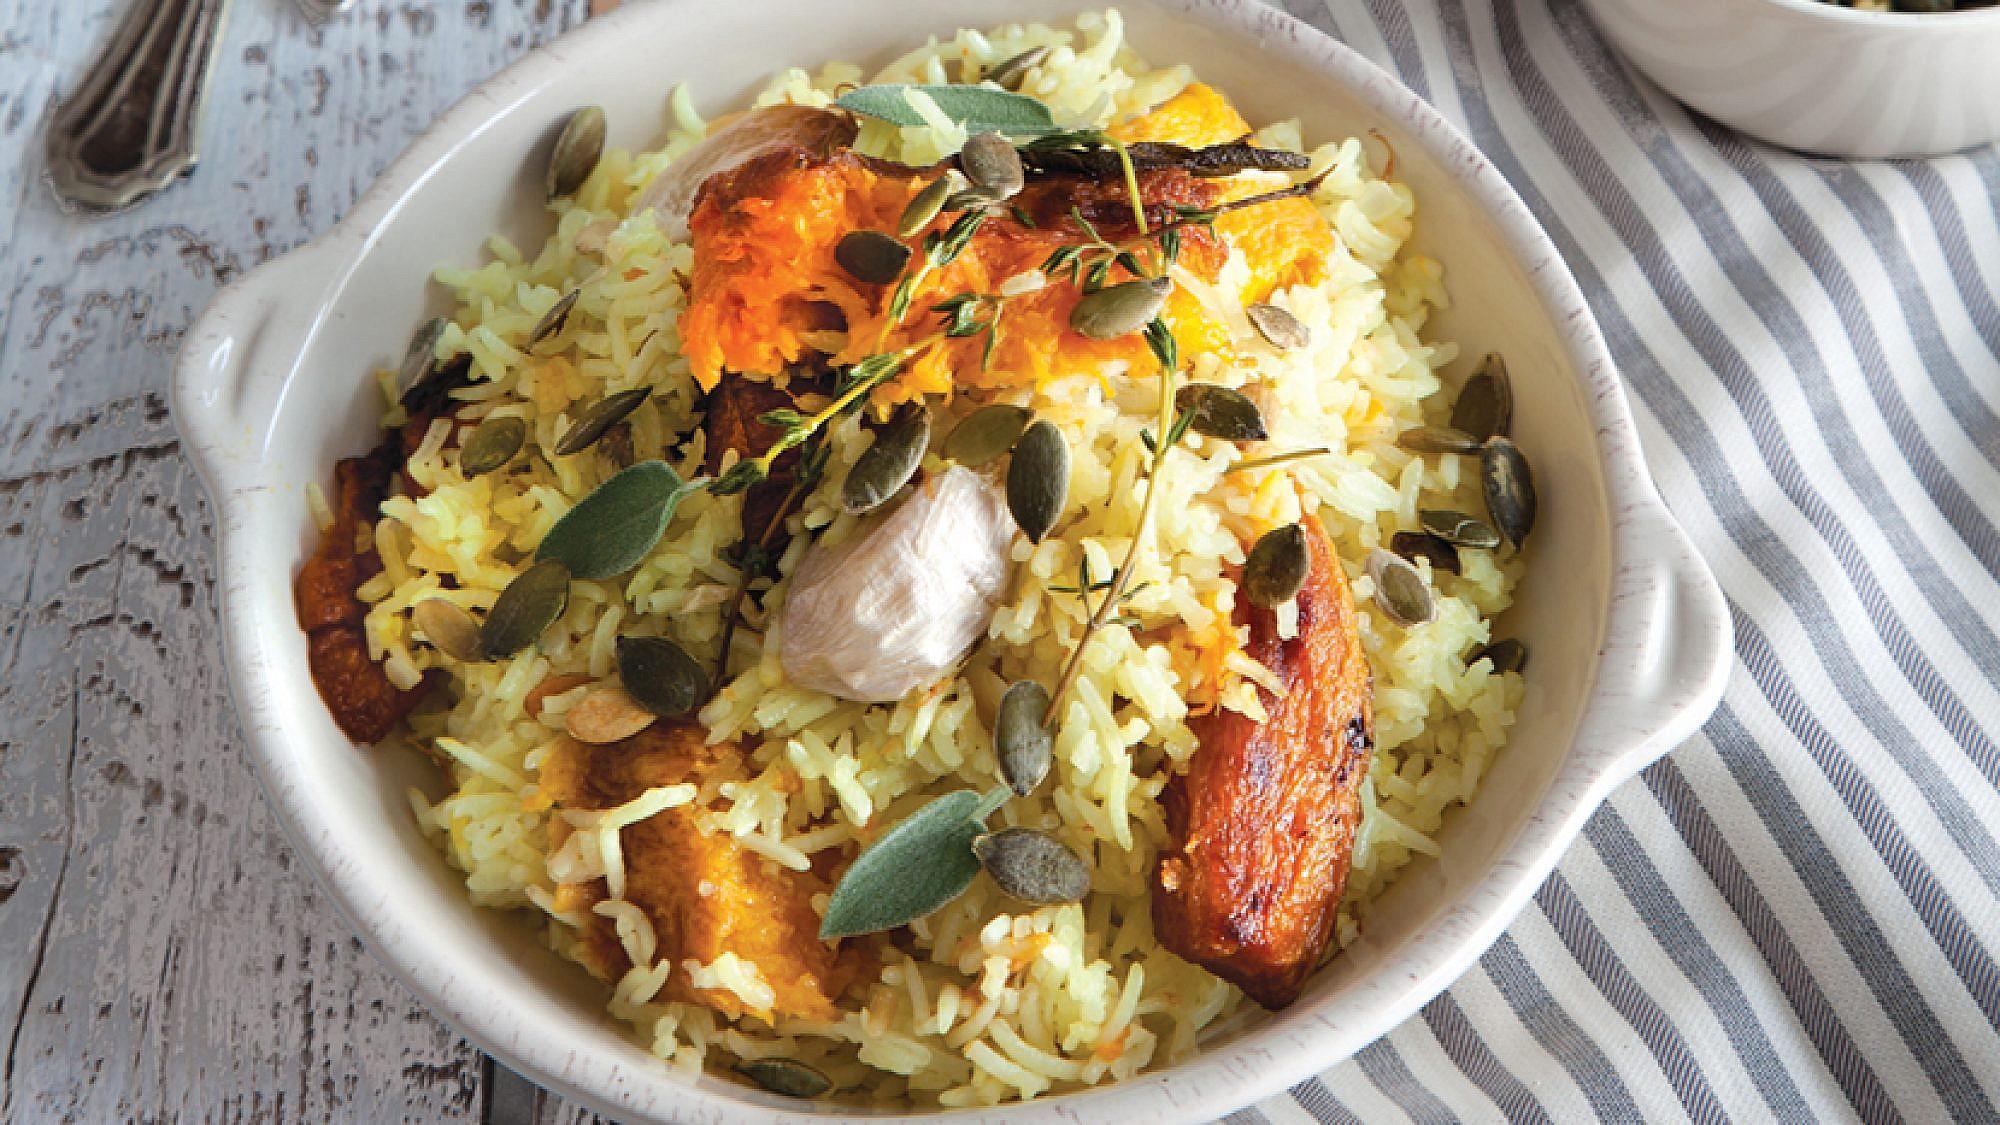 אורז עם ירקות כתומים. צילום: דן לב   סגנון: אוריה גבע